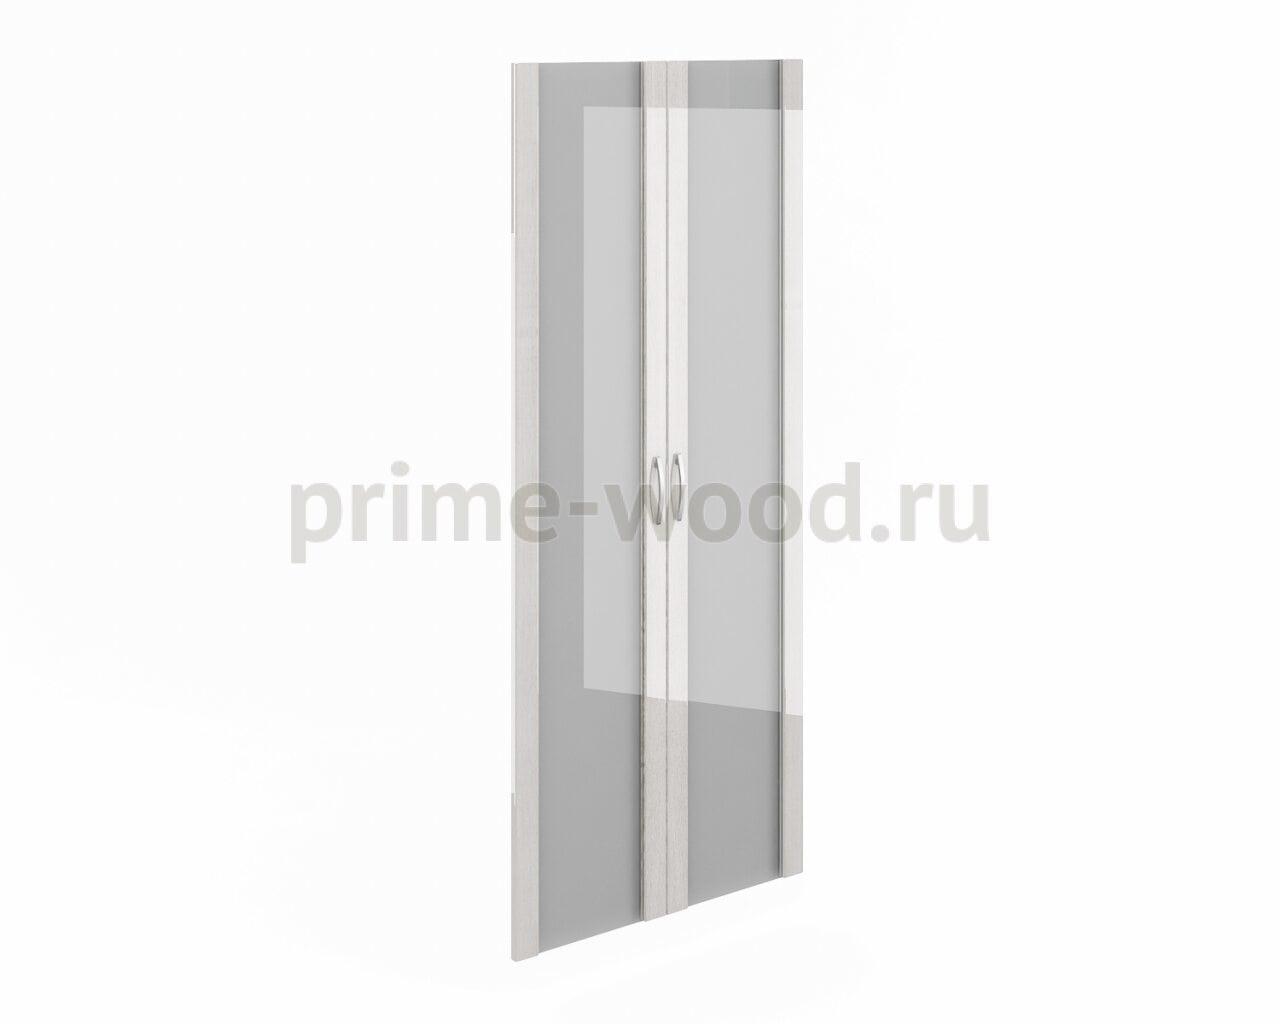 Дверь высокая стекло в рамке МДФ - фото 1